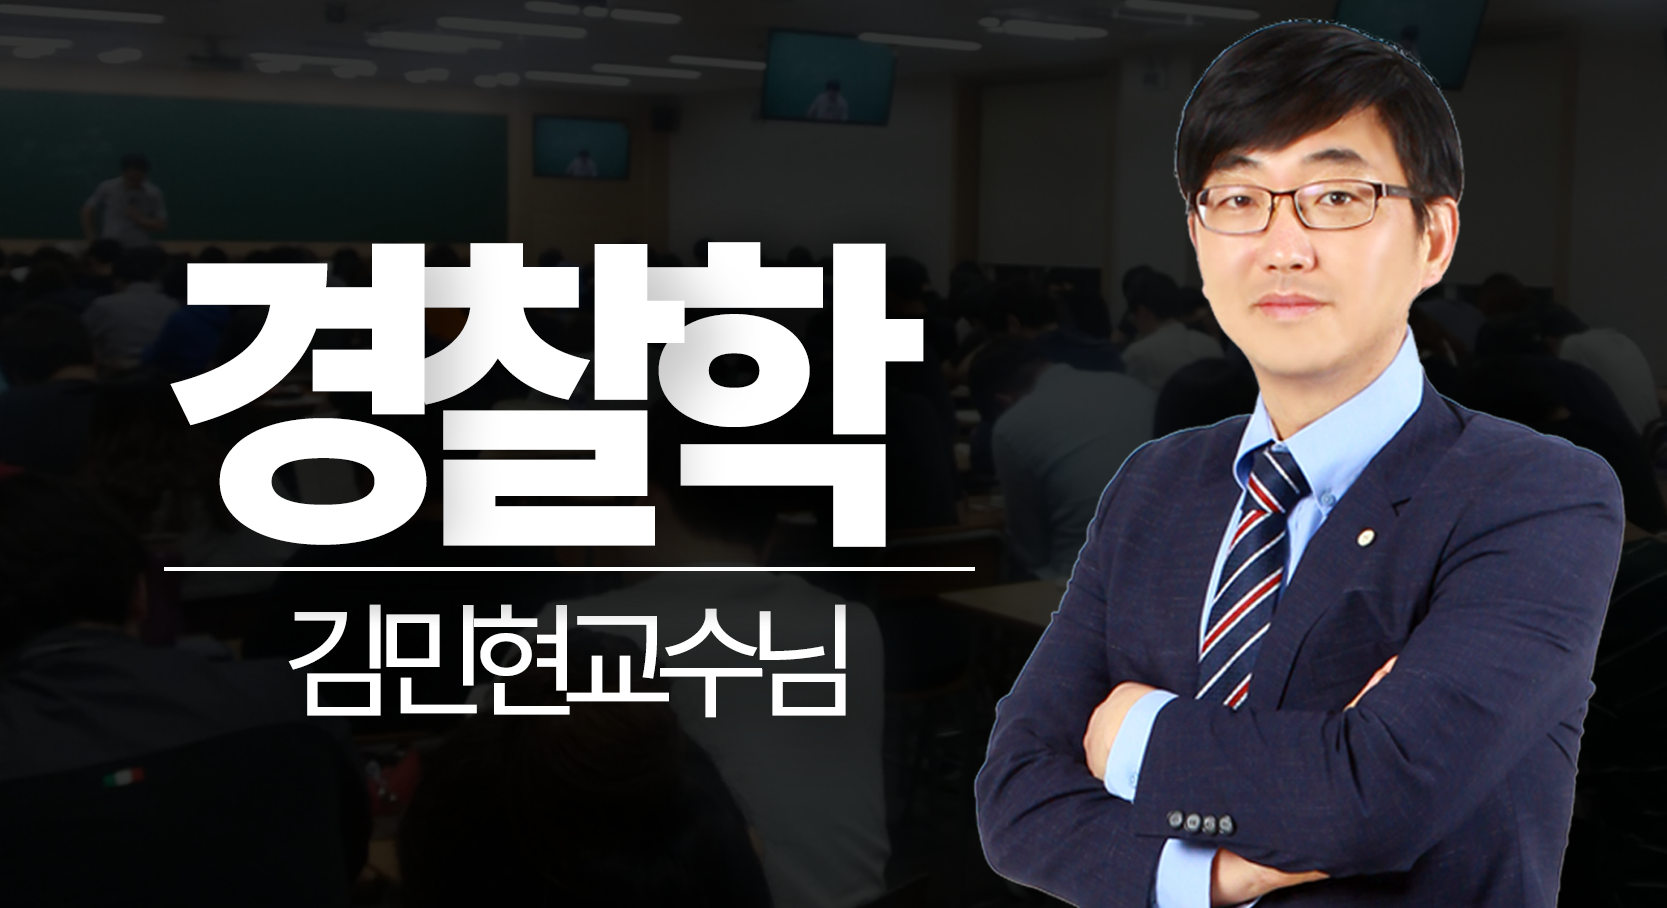 [대전경찰학원] 김민현 교수님 - 경찰학개론 (기본강의)